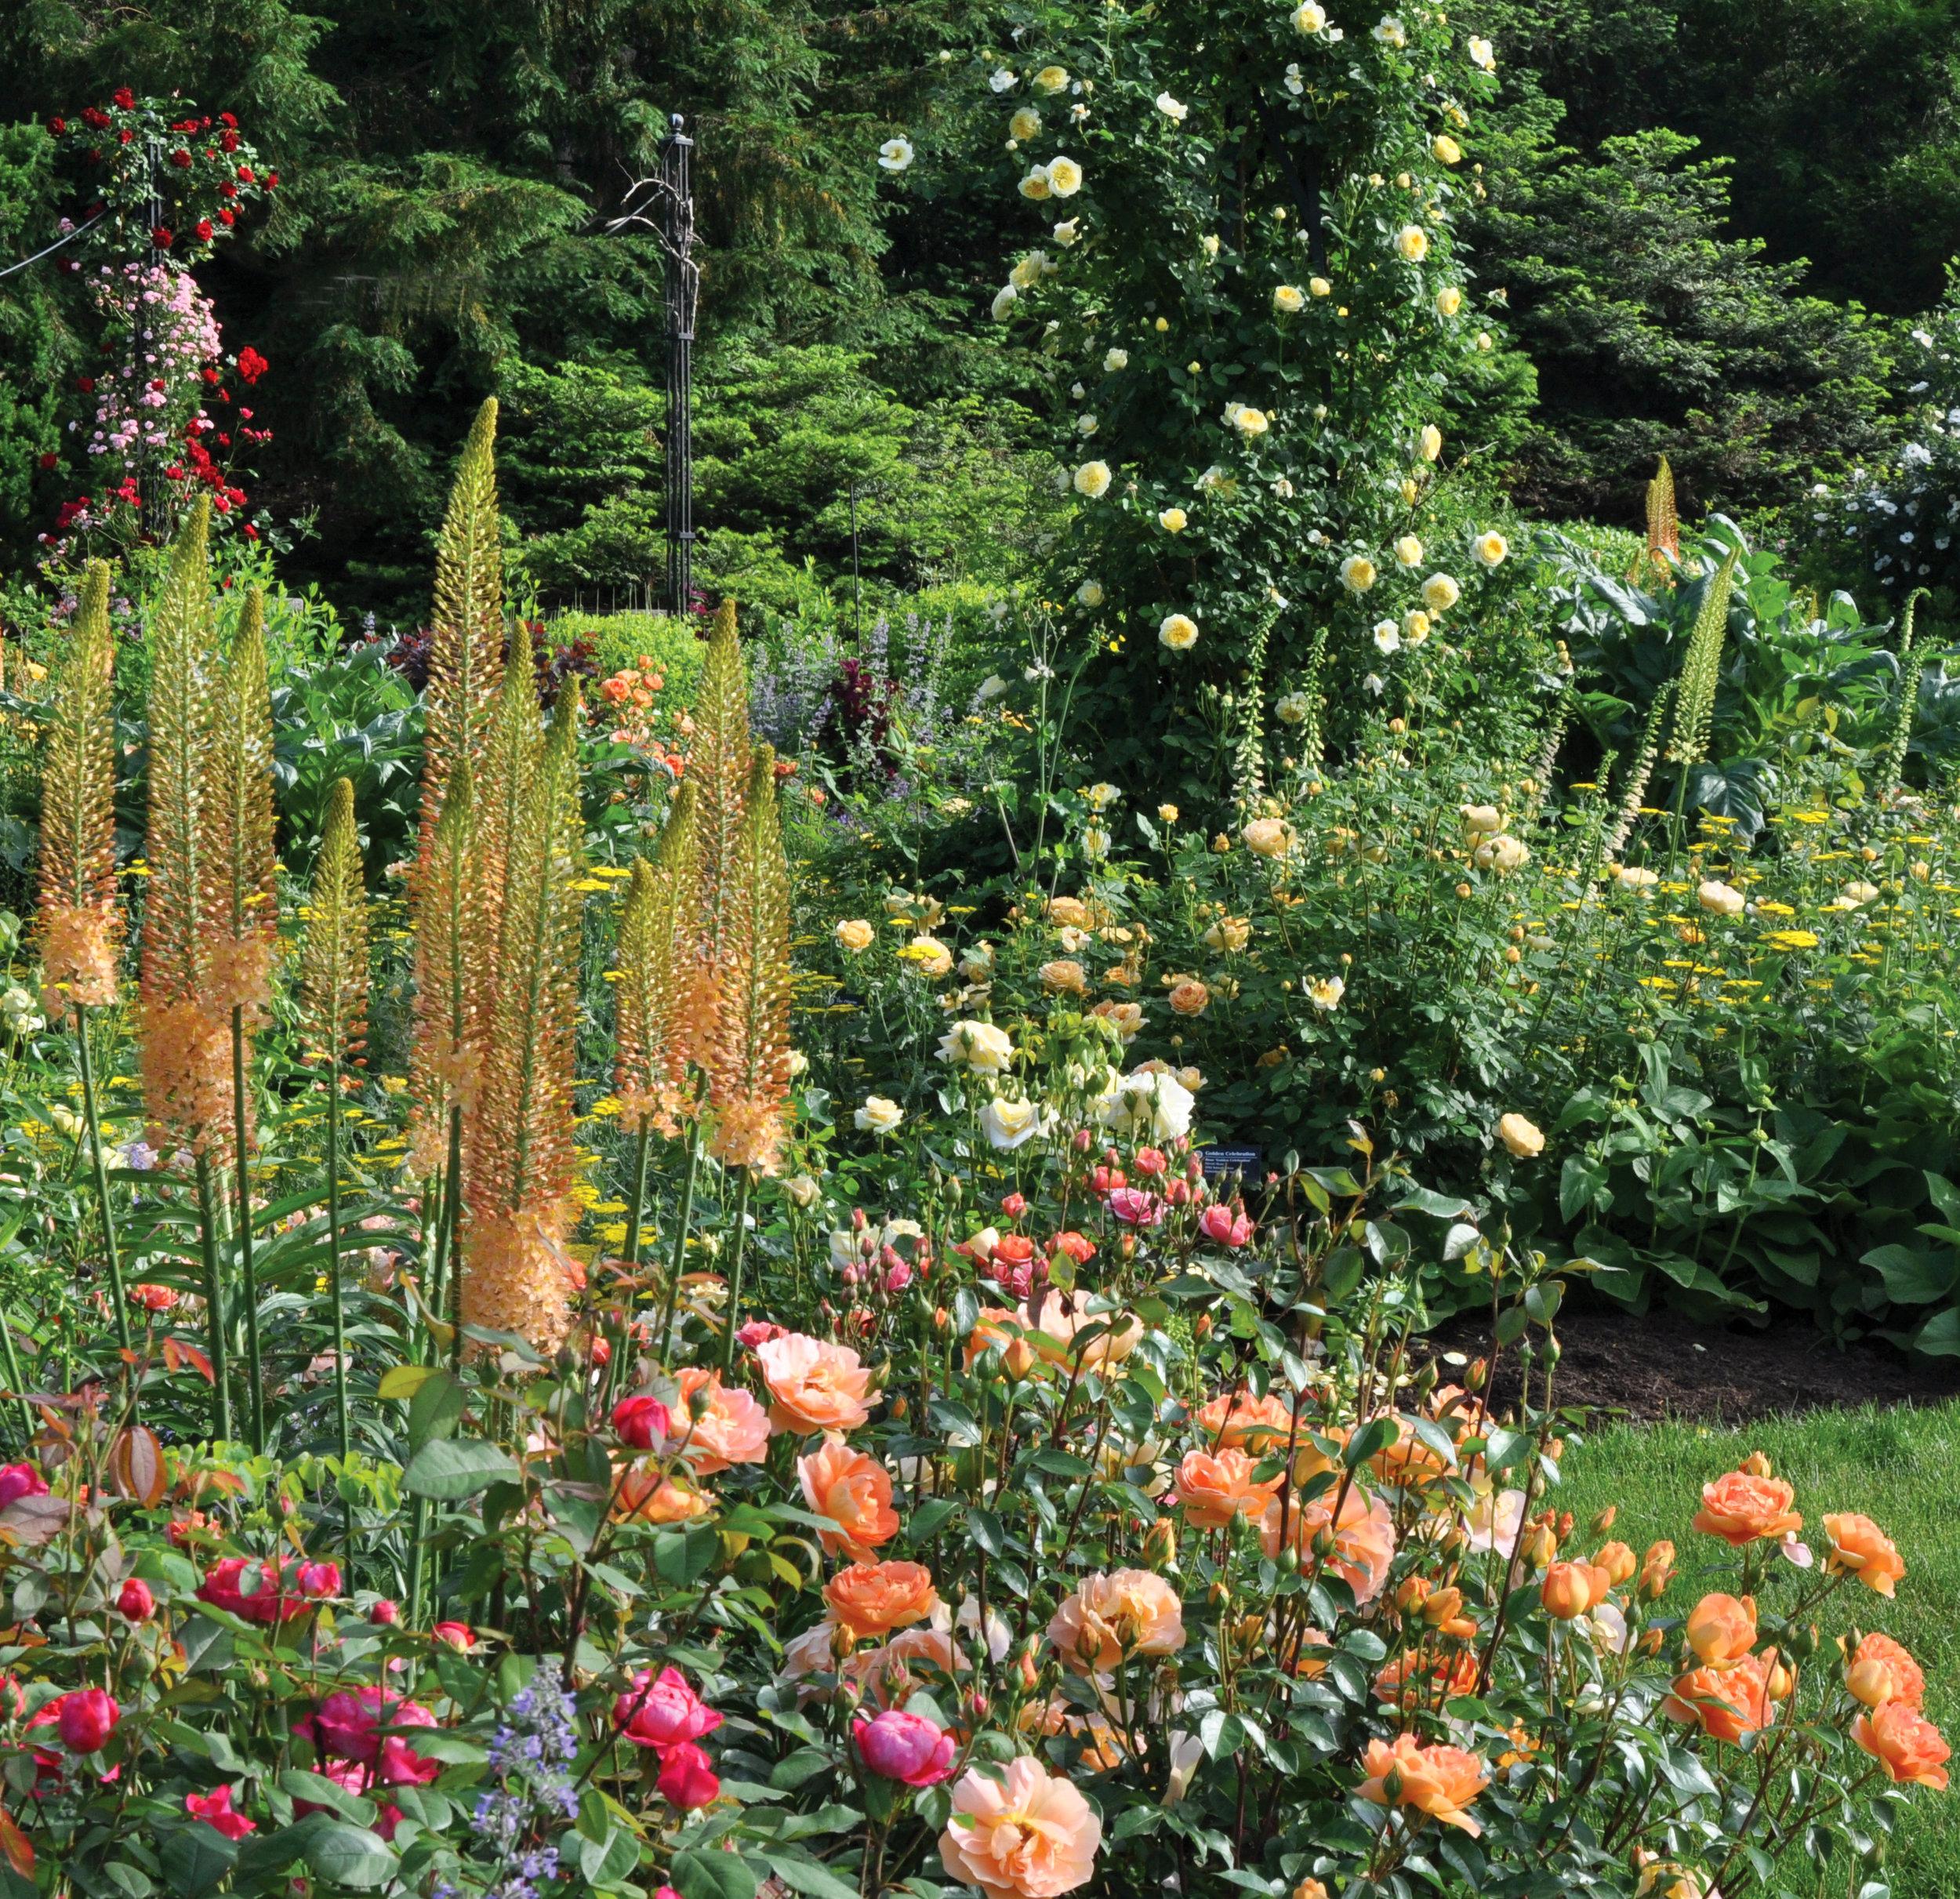 Morris Arboretum PM DSC_3831 edited.jpg